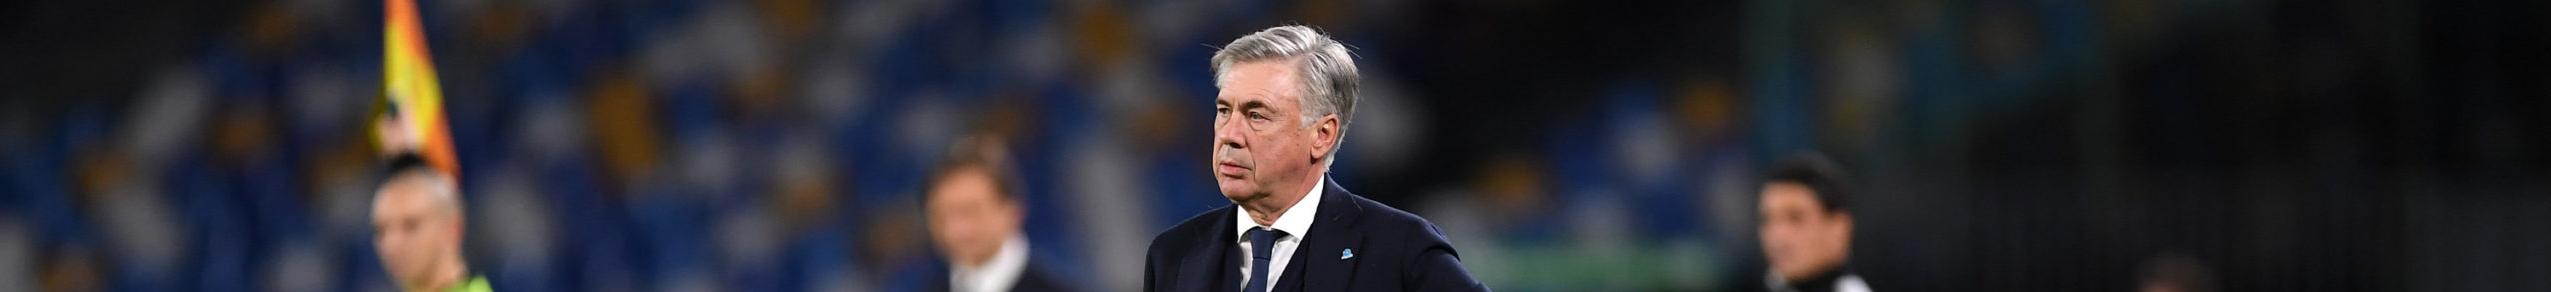 Napoli-Genk: azzurri per vincere e cercare la testa del girone